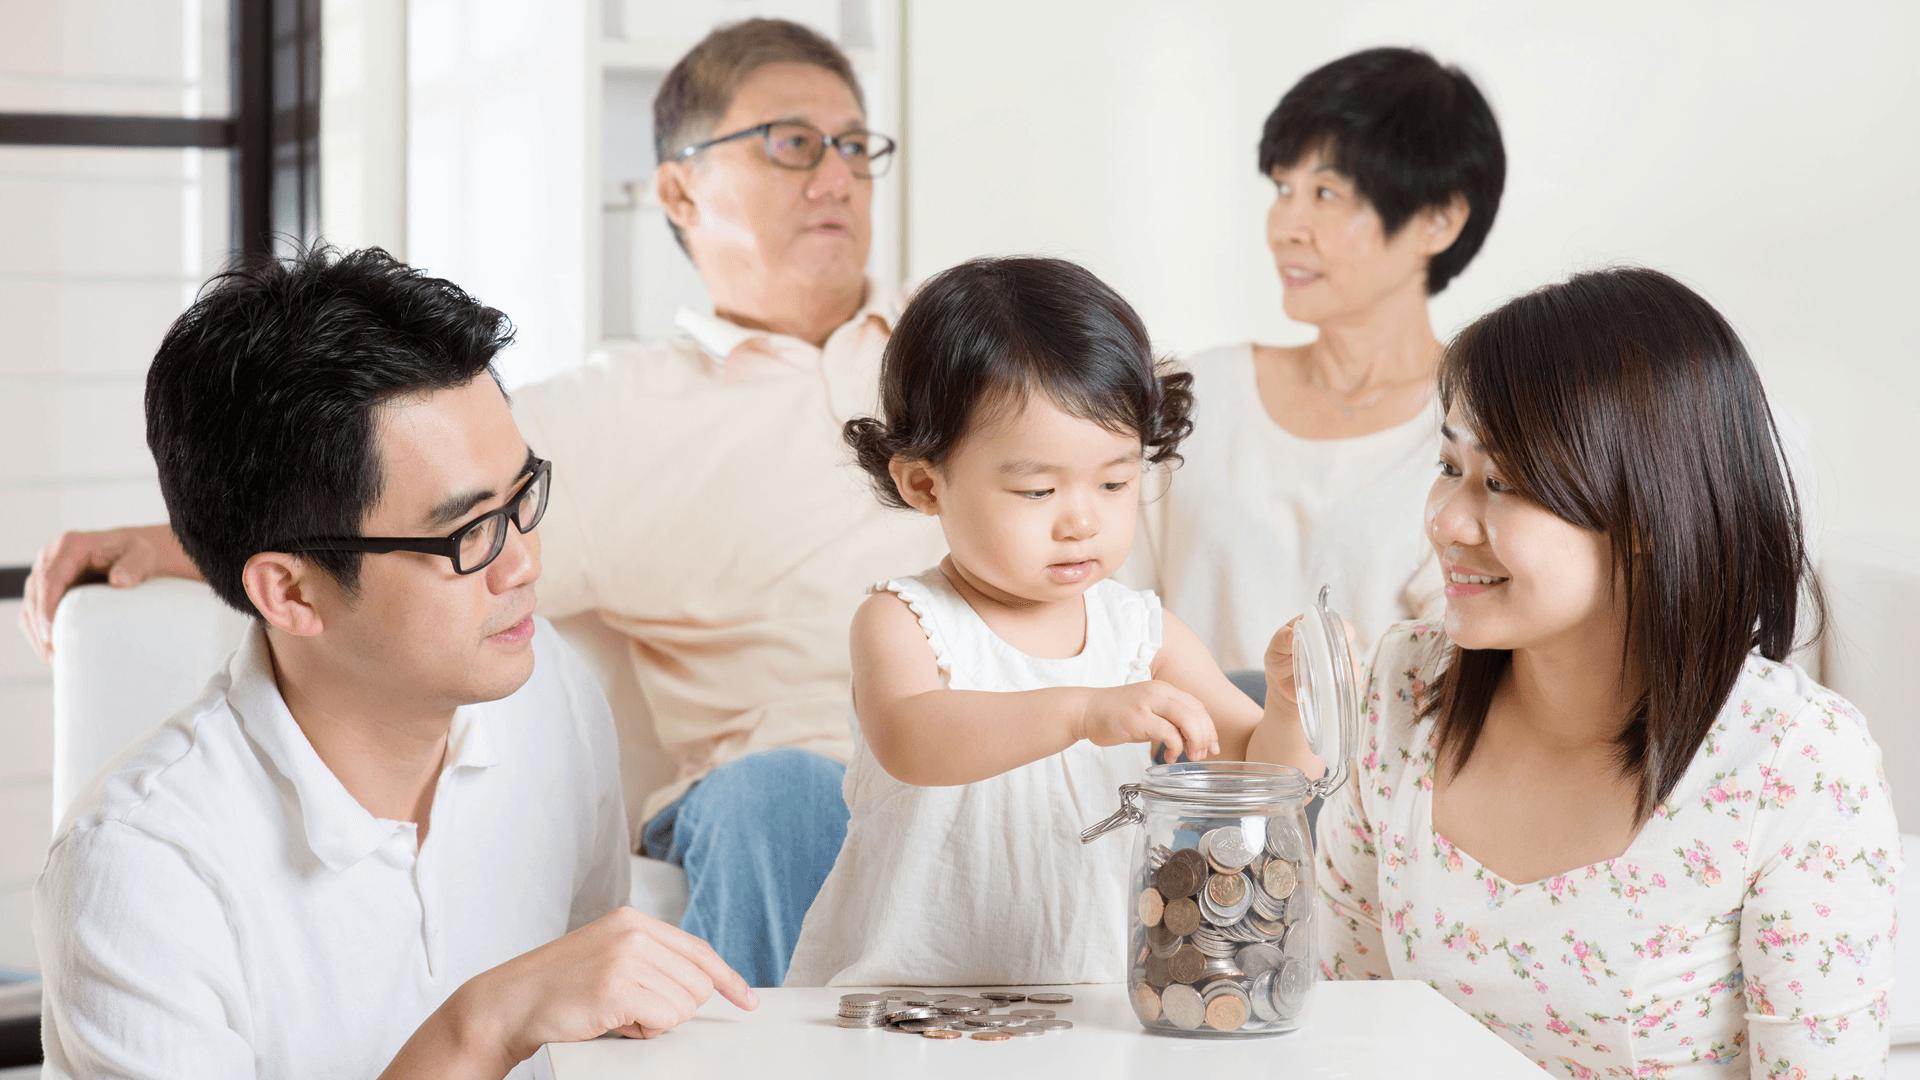 Tổng hợp 6 nhu cầu cần thiết trong gia đình các chị vợ cần biết